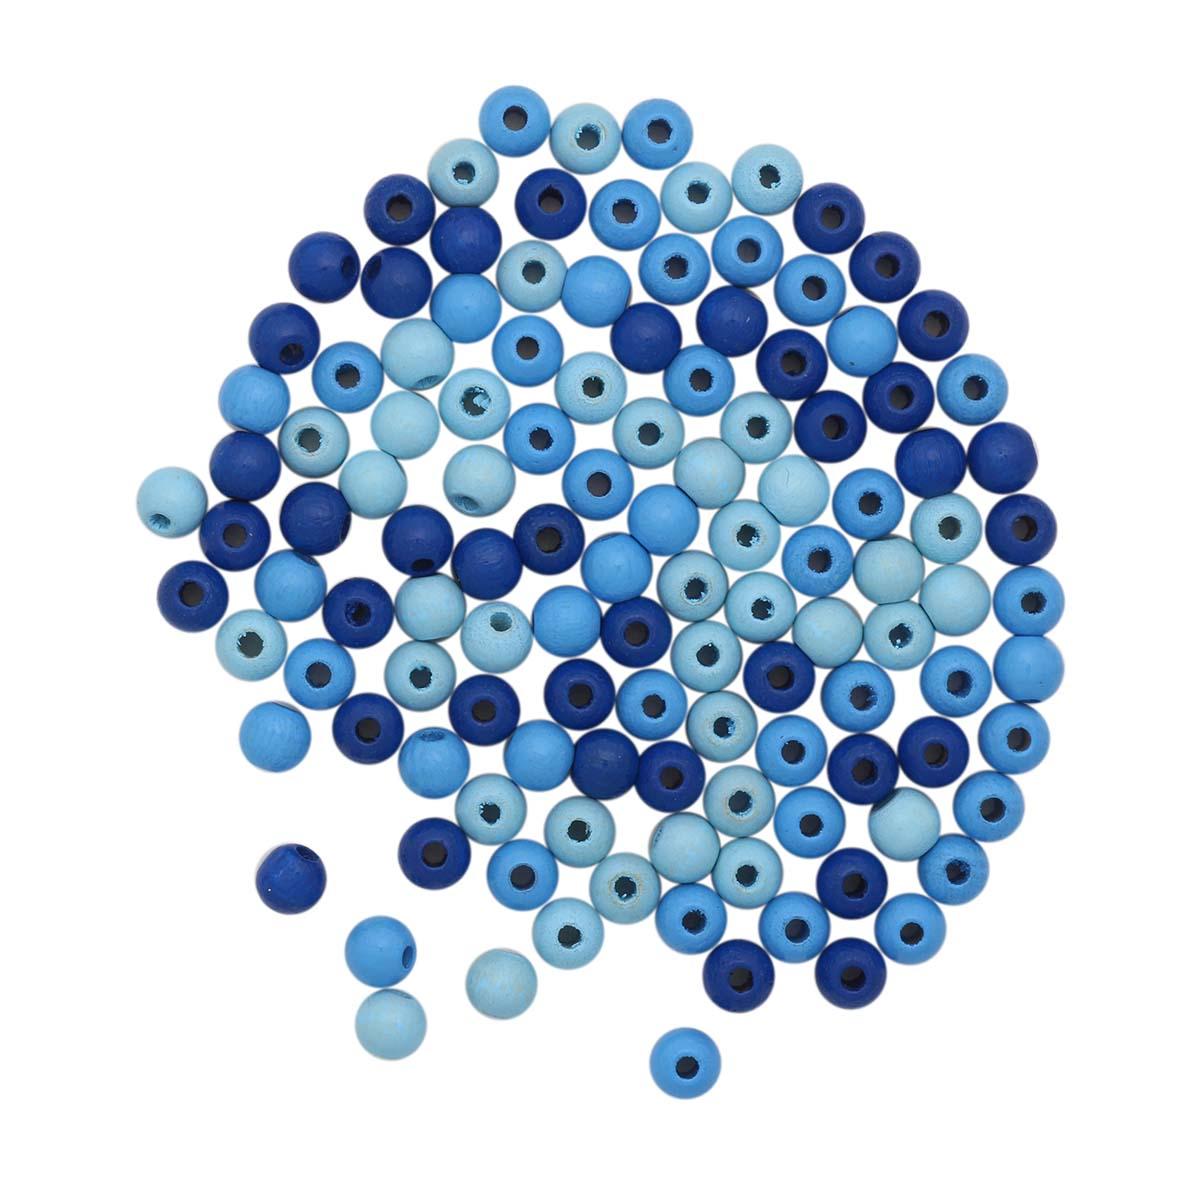 61652053 Бусины дерево, голубой микс, 6 мм, упак./118 шт., Glorex